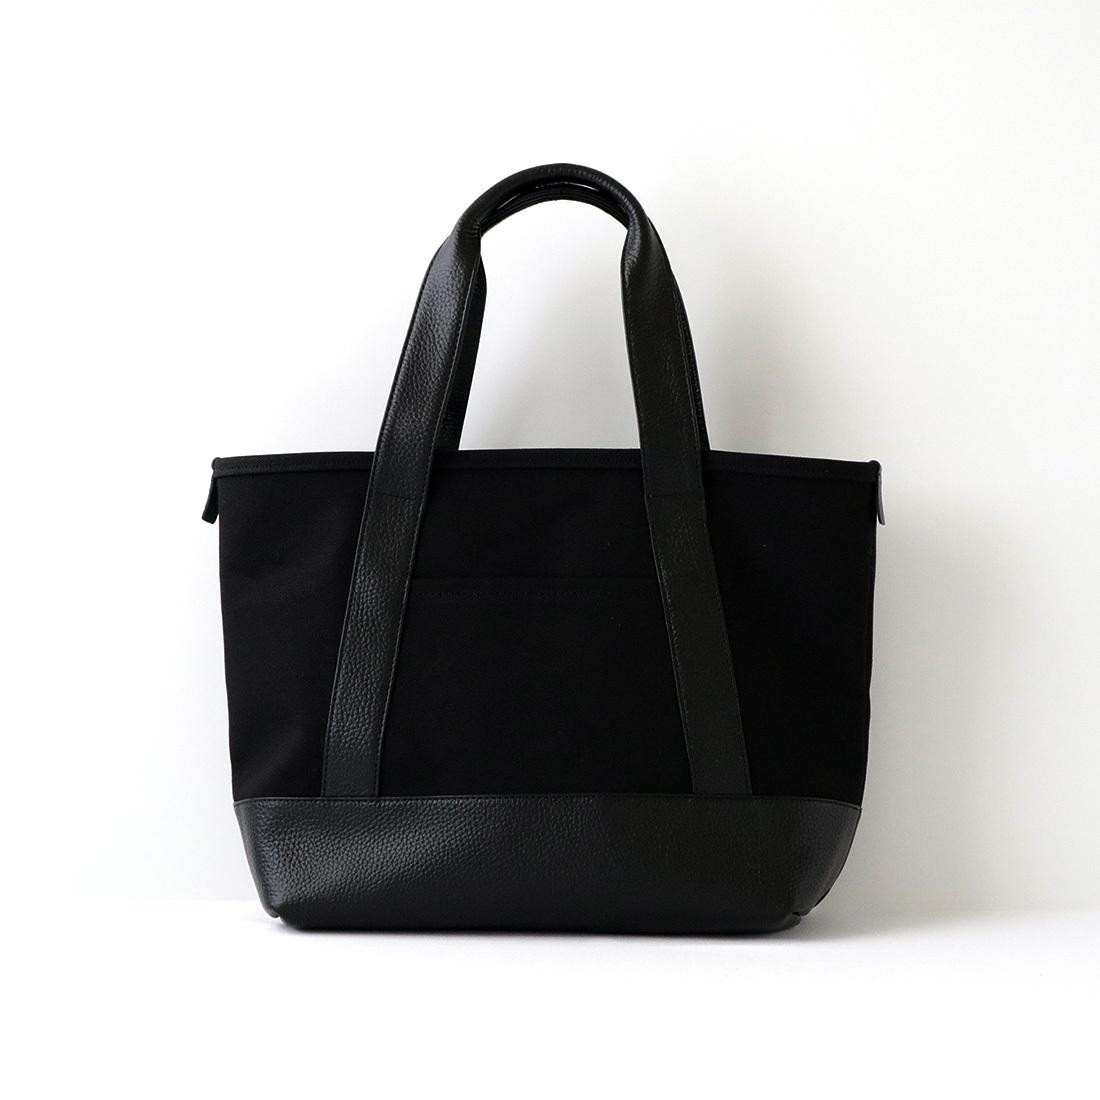 【最大2,000円クーポン】【MOHEIM】 TOTE BAG (Sサイズ / ブラック) トートバッグ カバン 鞄 バッグ 手提げ 帆布 ユニセックス